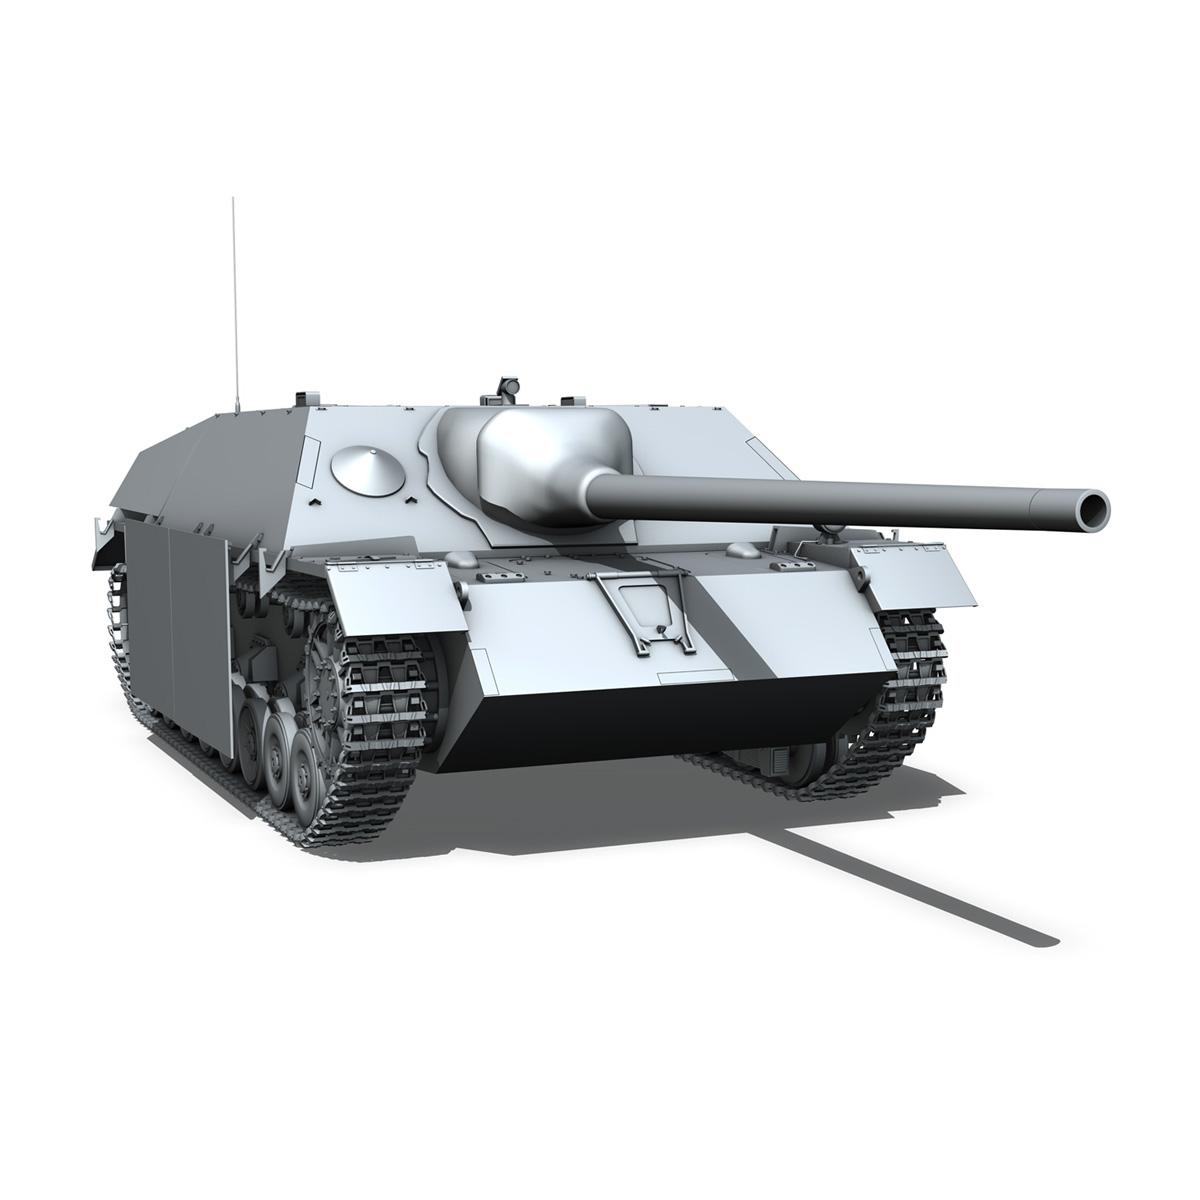 jagdpanzer iv l/70 (v) late production 3d model 3ds fbx c4d lwo obj 202025